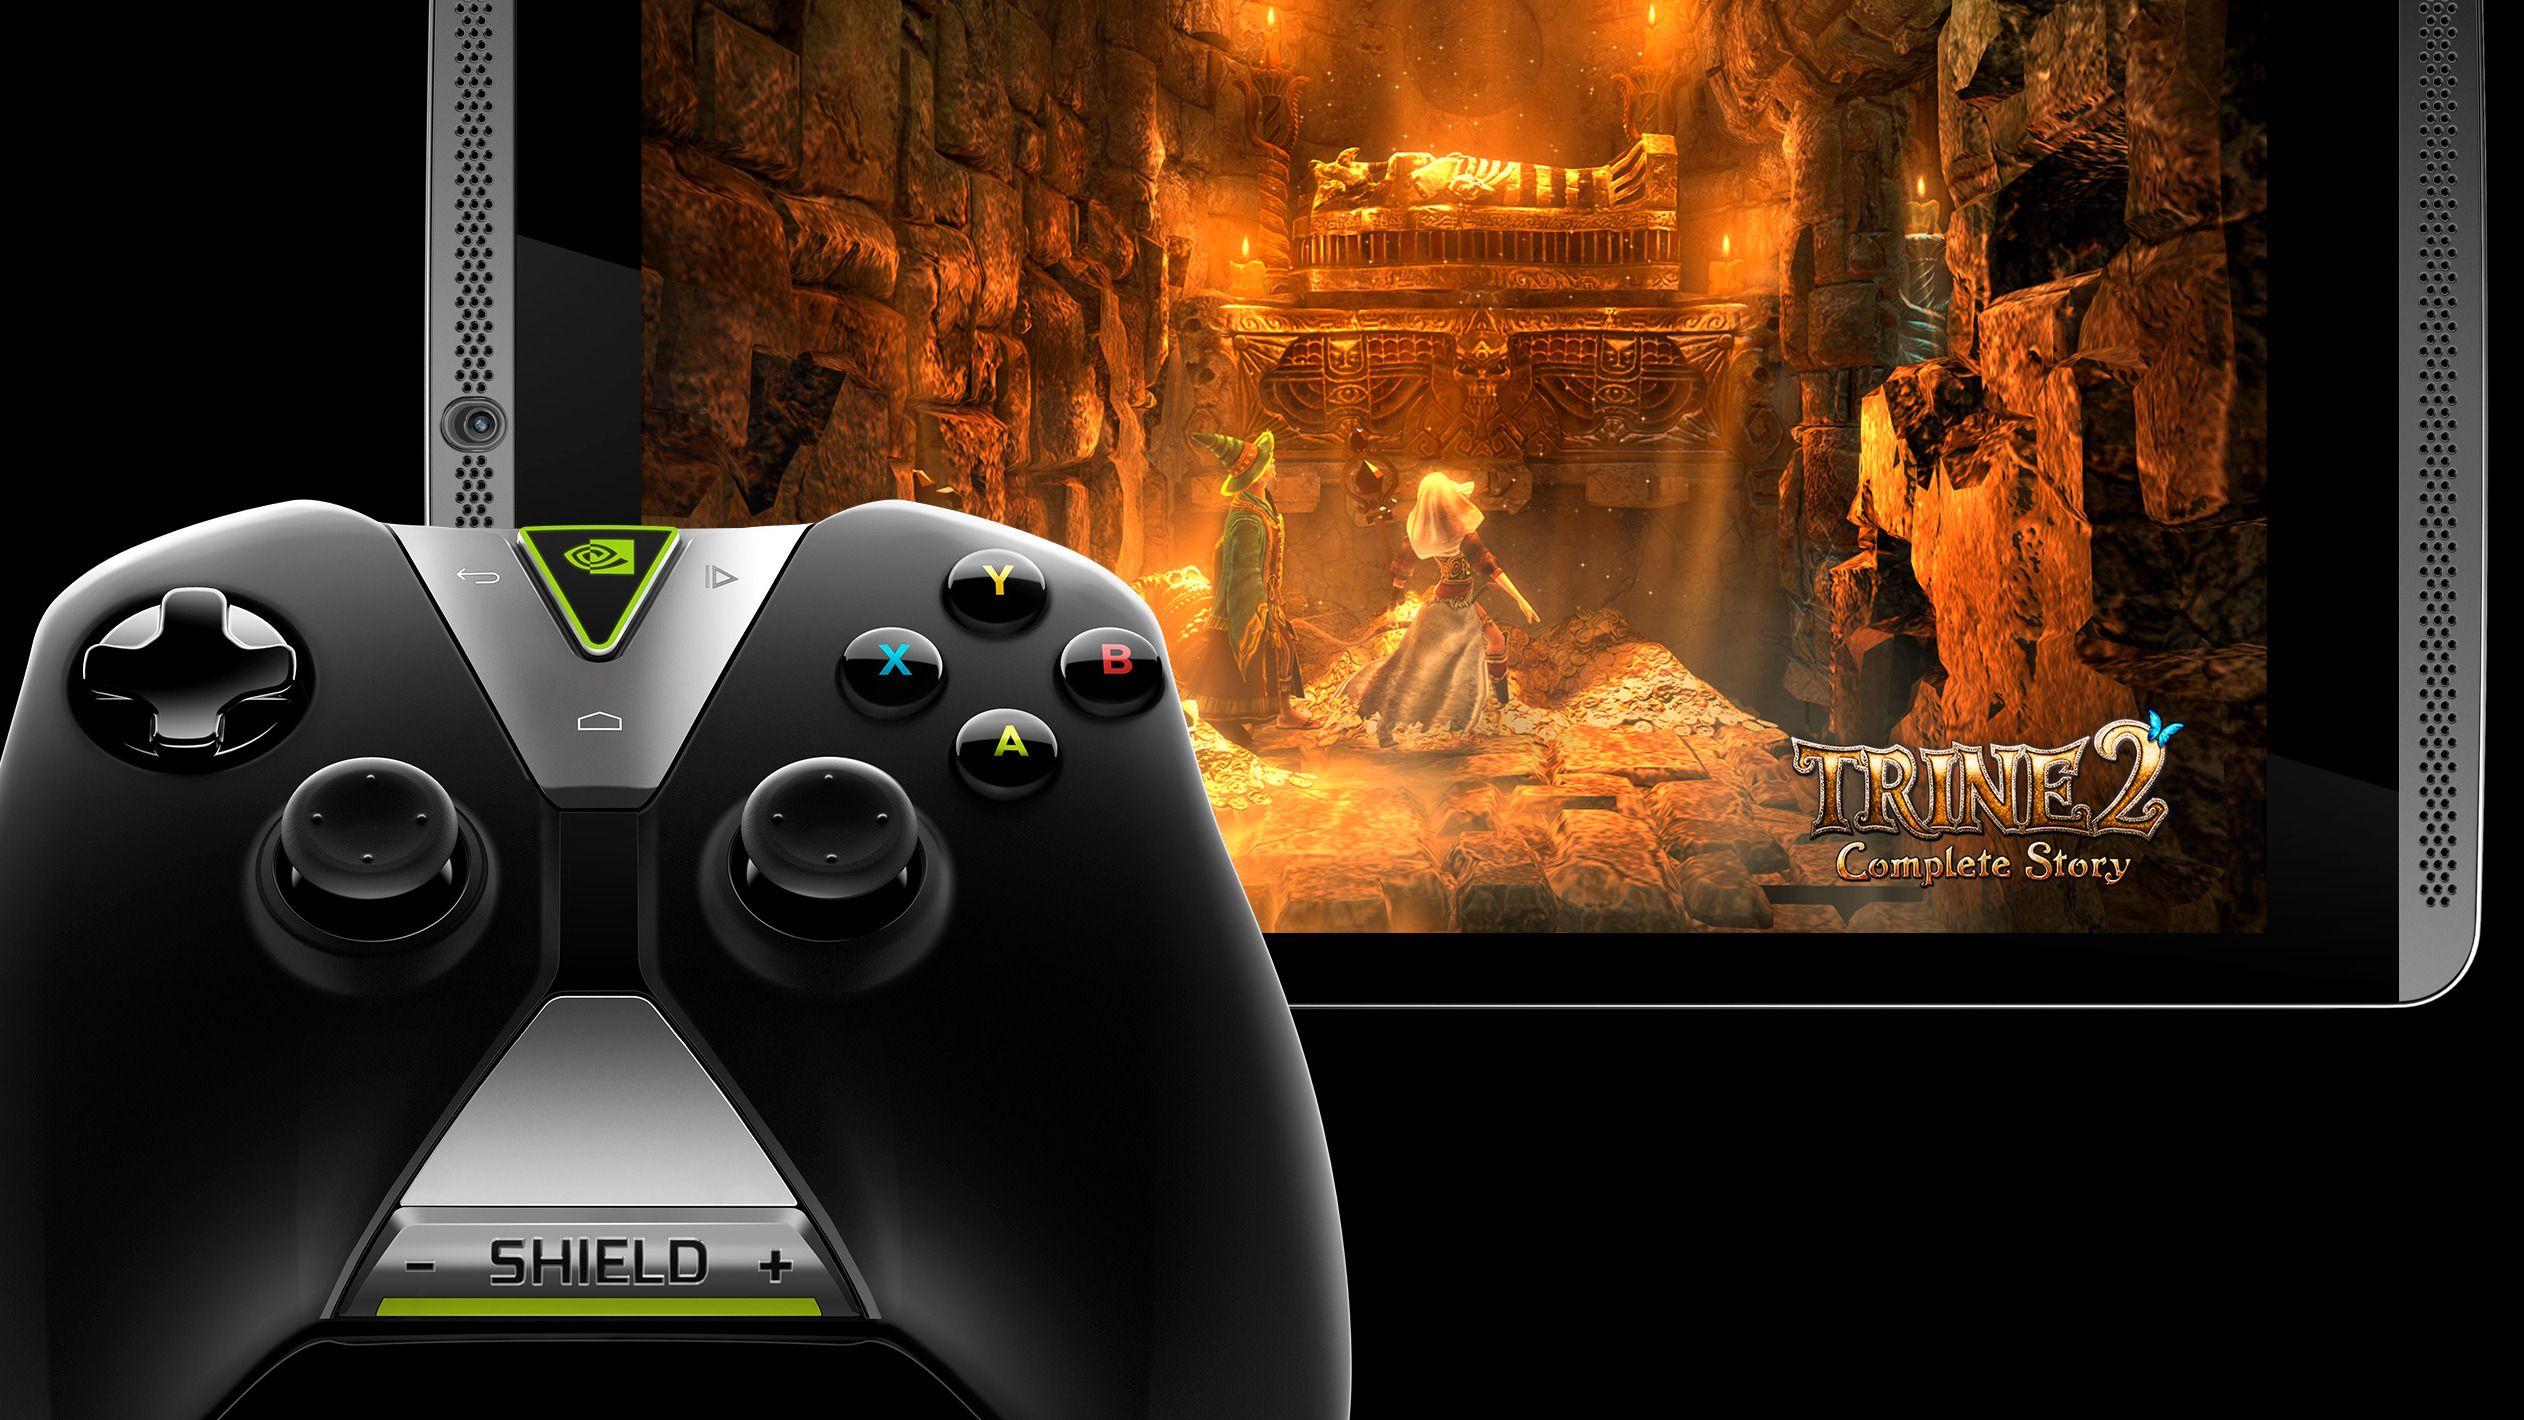 Nvidia tilbakekaller det råsterke spillnettbrettet sitt